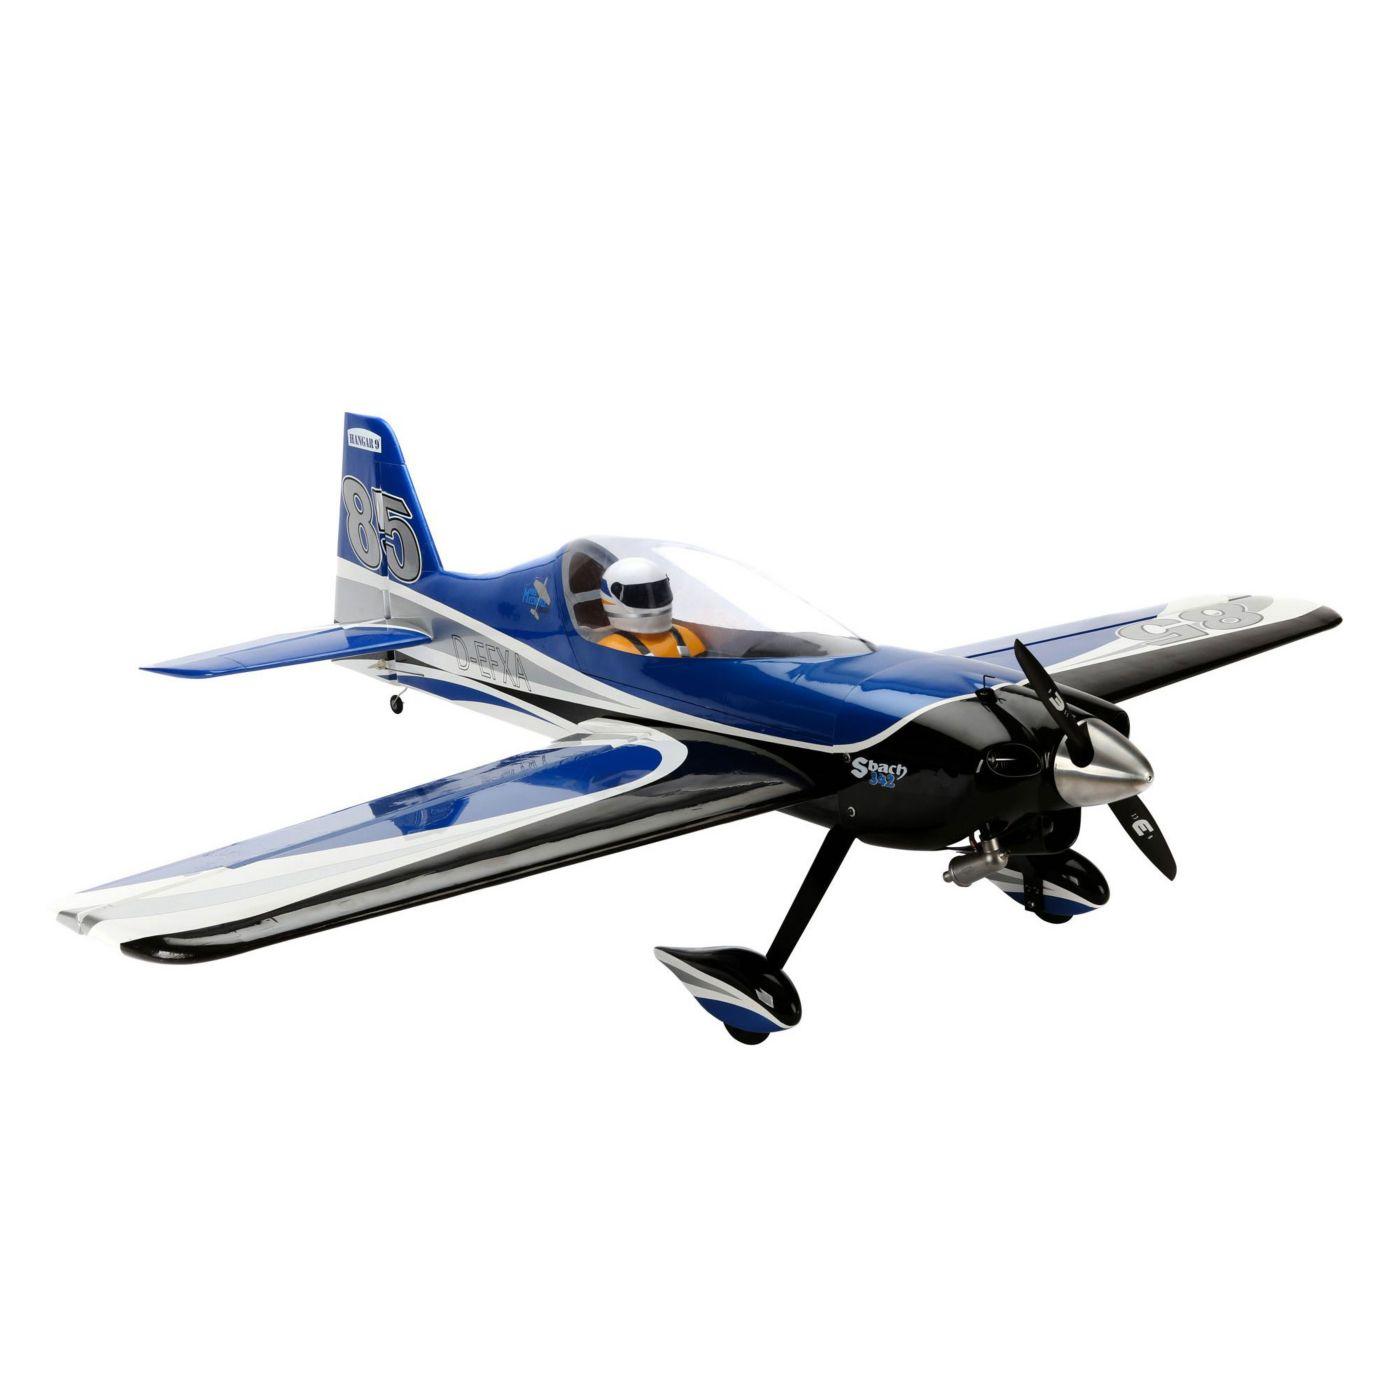 Sbach 342 hangar 9